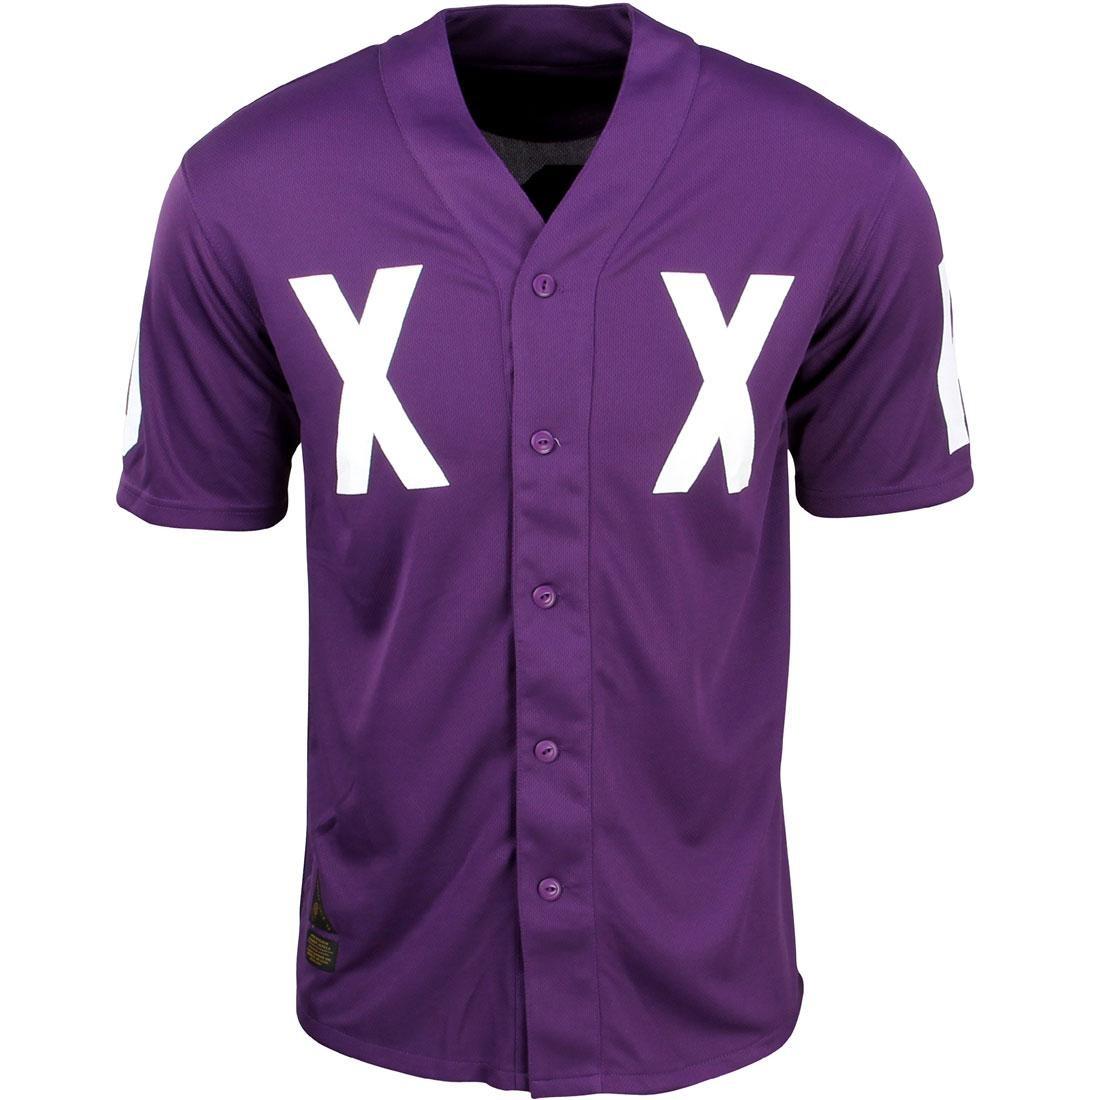 【スーパーセール中! 6/11深夜2時迄】テンディープ 10 DEEP ジャージ メンズファッション トップス Tシャツ カットソー メンズ 【 Dxxp Bb Jersey Shirt (purple) 】 Purple